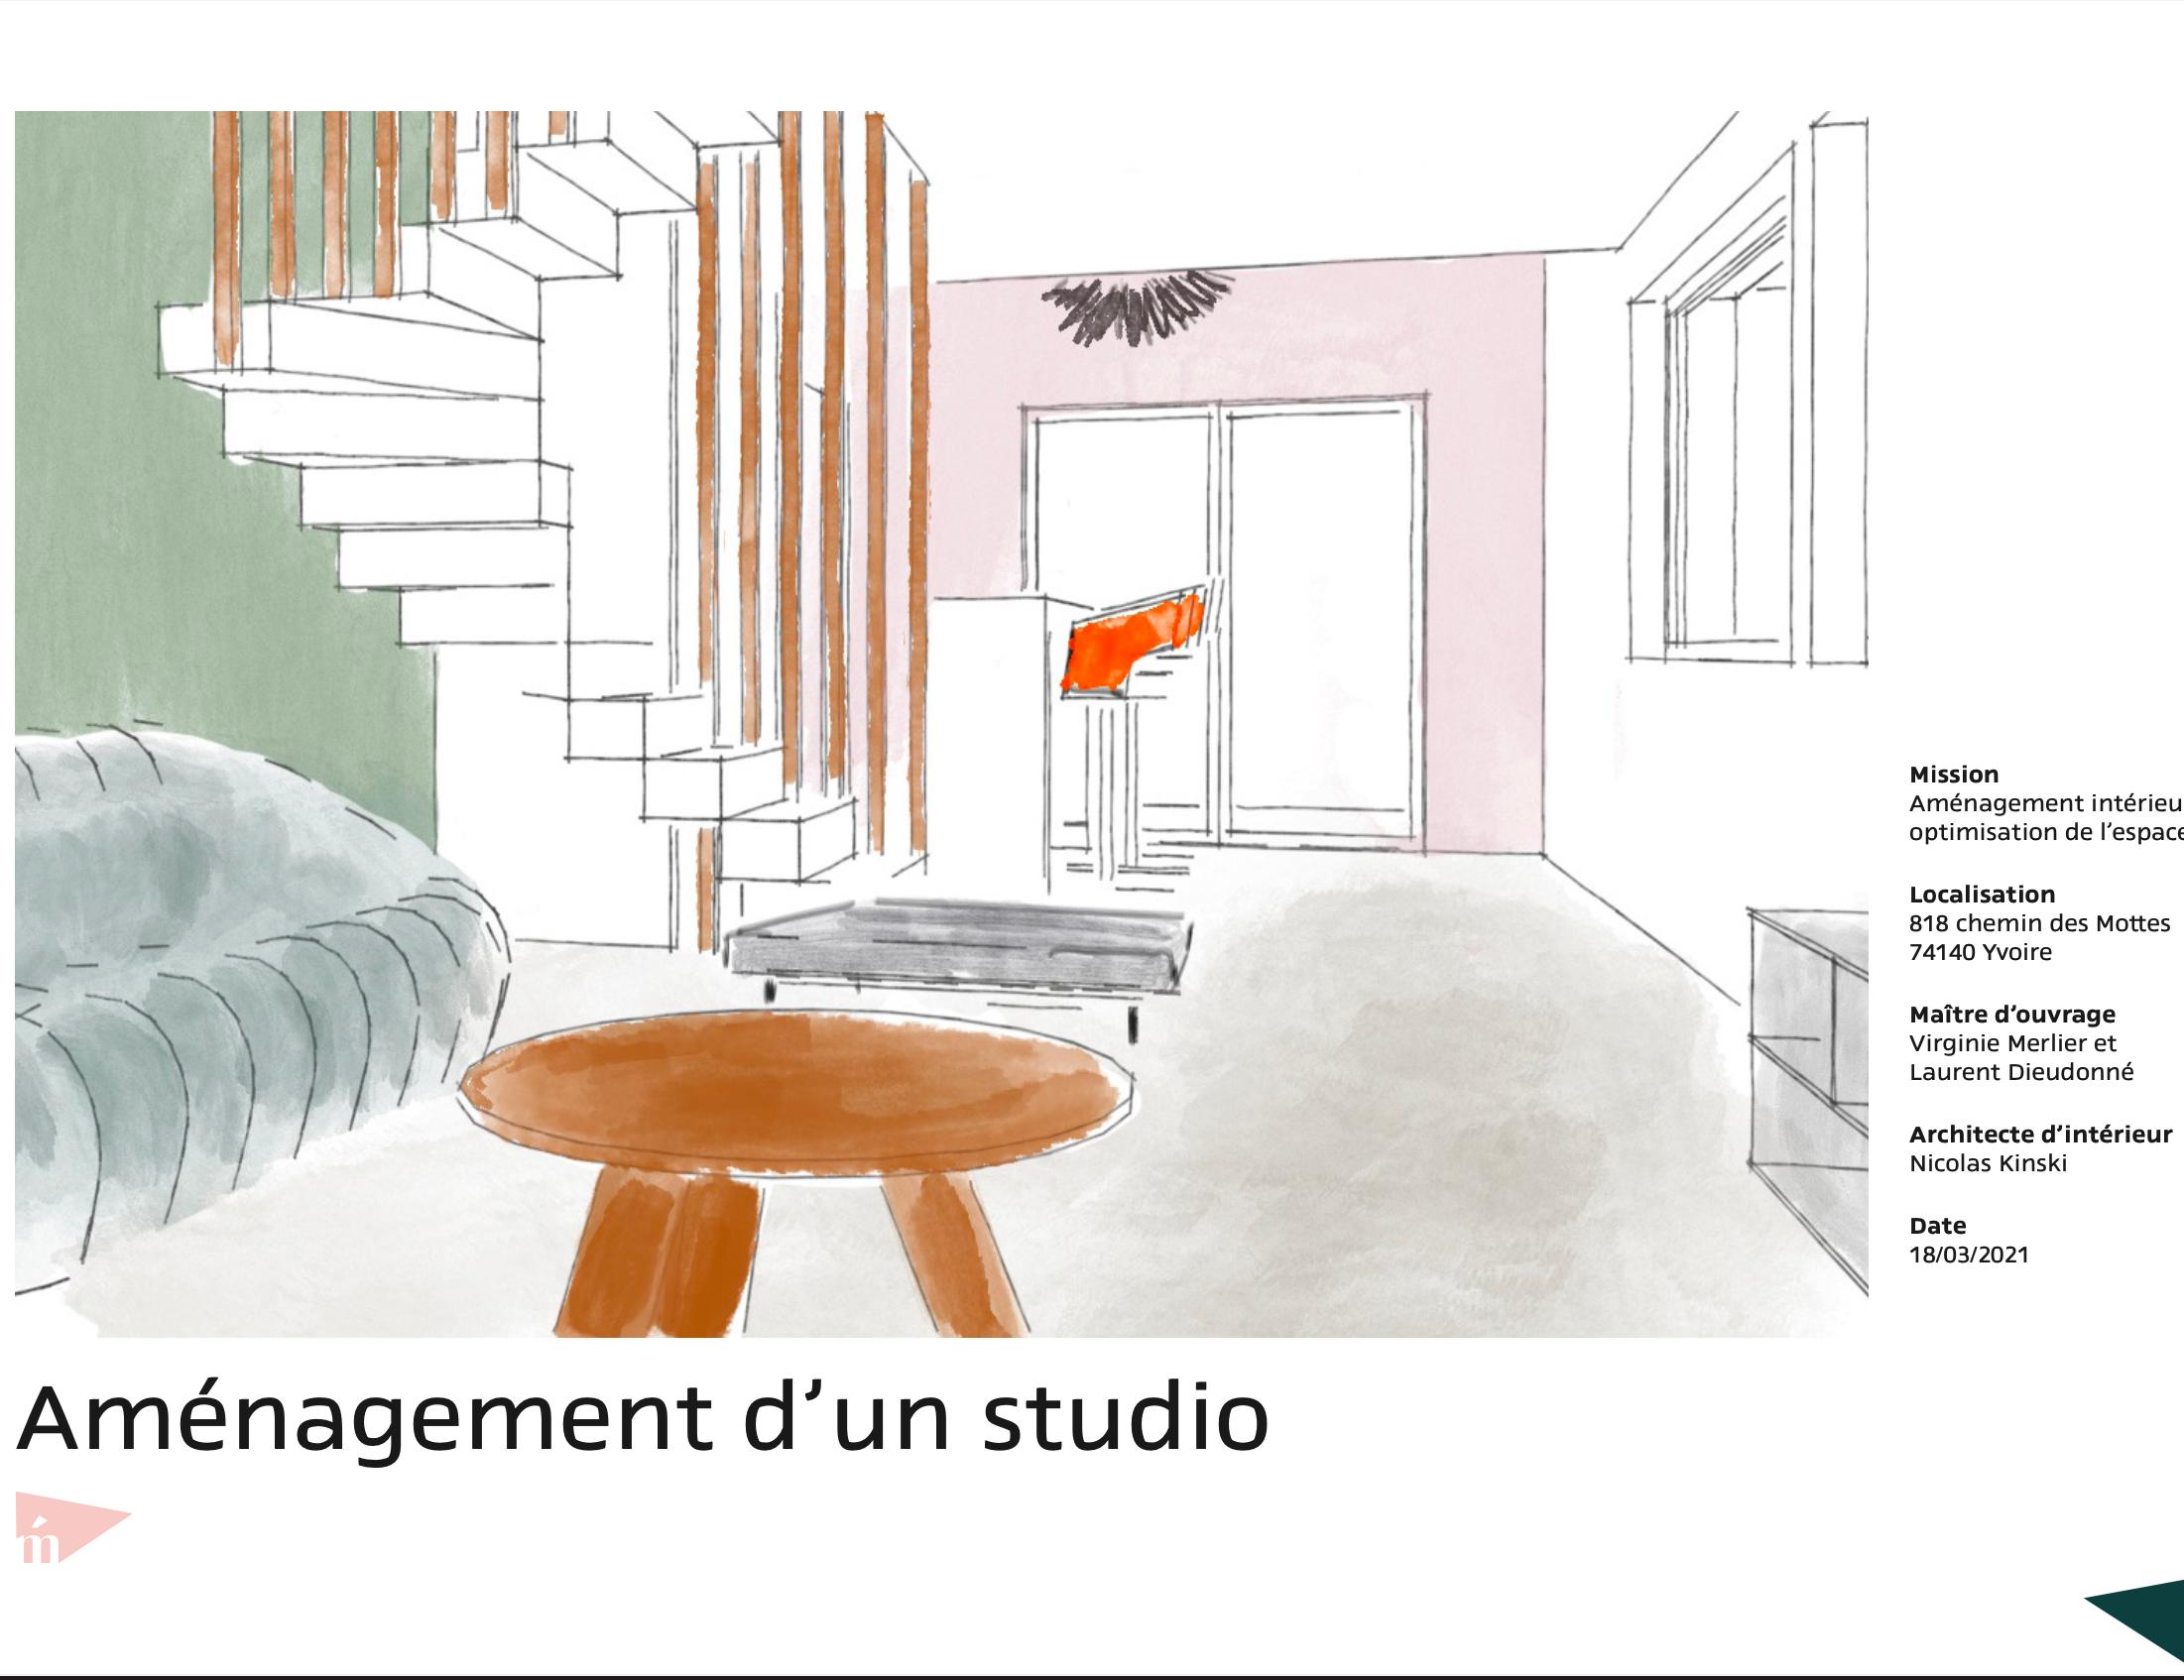 photo Aménagement I studio Yvoire Nicolas Kinski, Architecte d'intérieur hemea